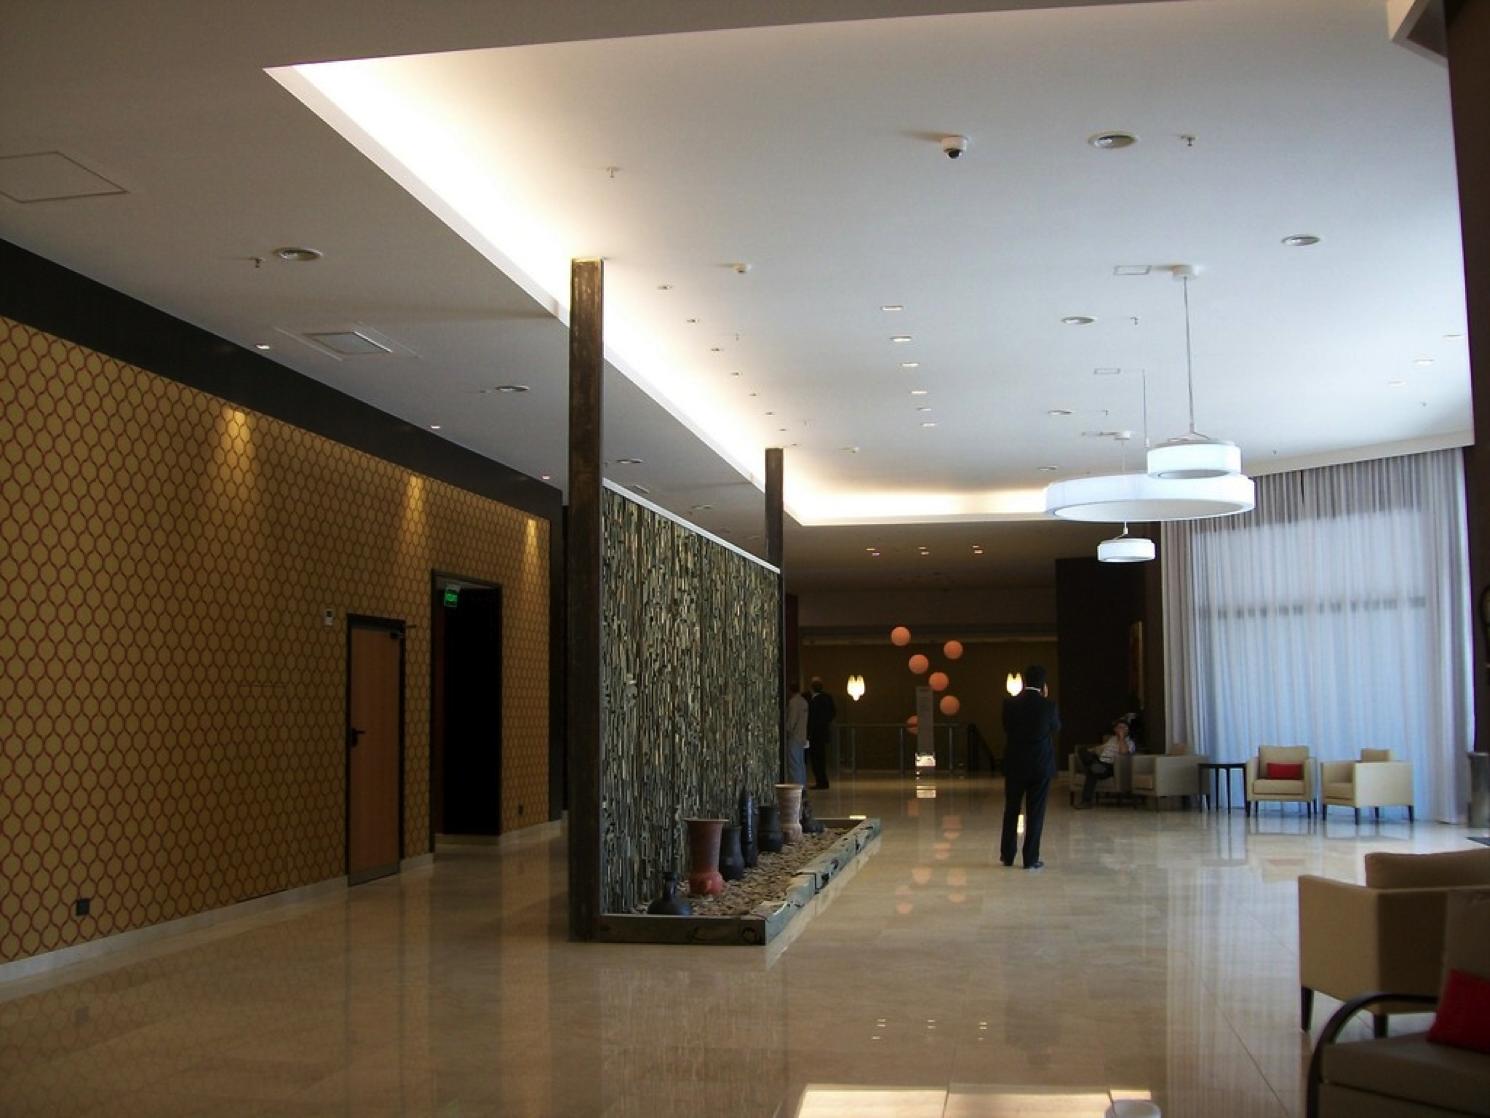 Central Tucmanno2